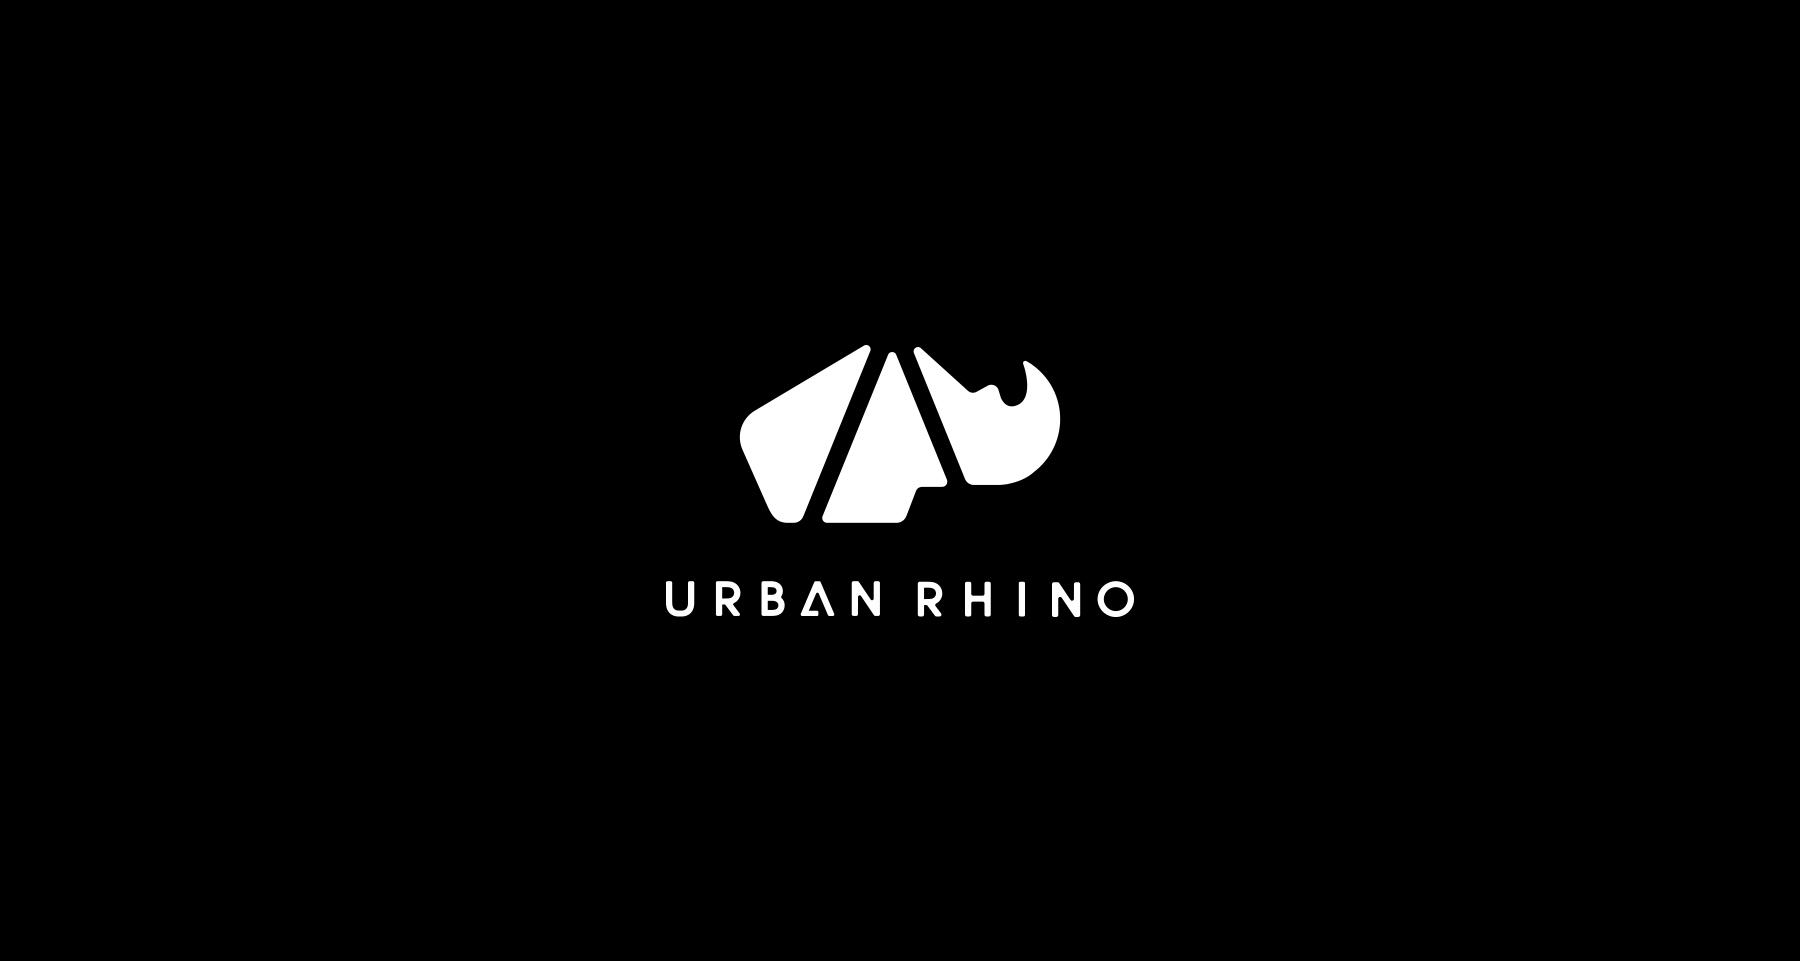 URBAN RHINO IDENTITY